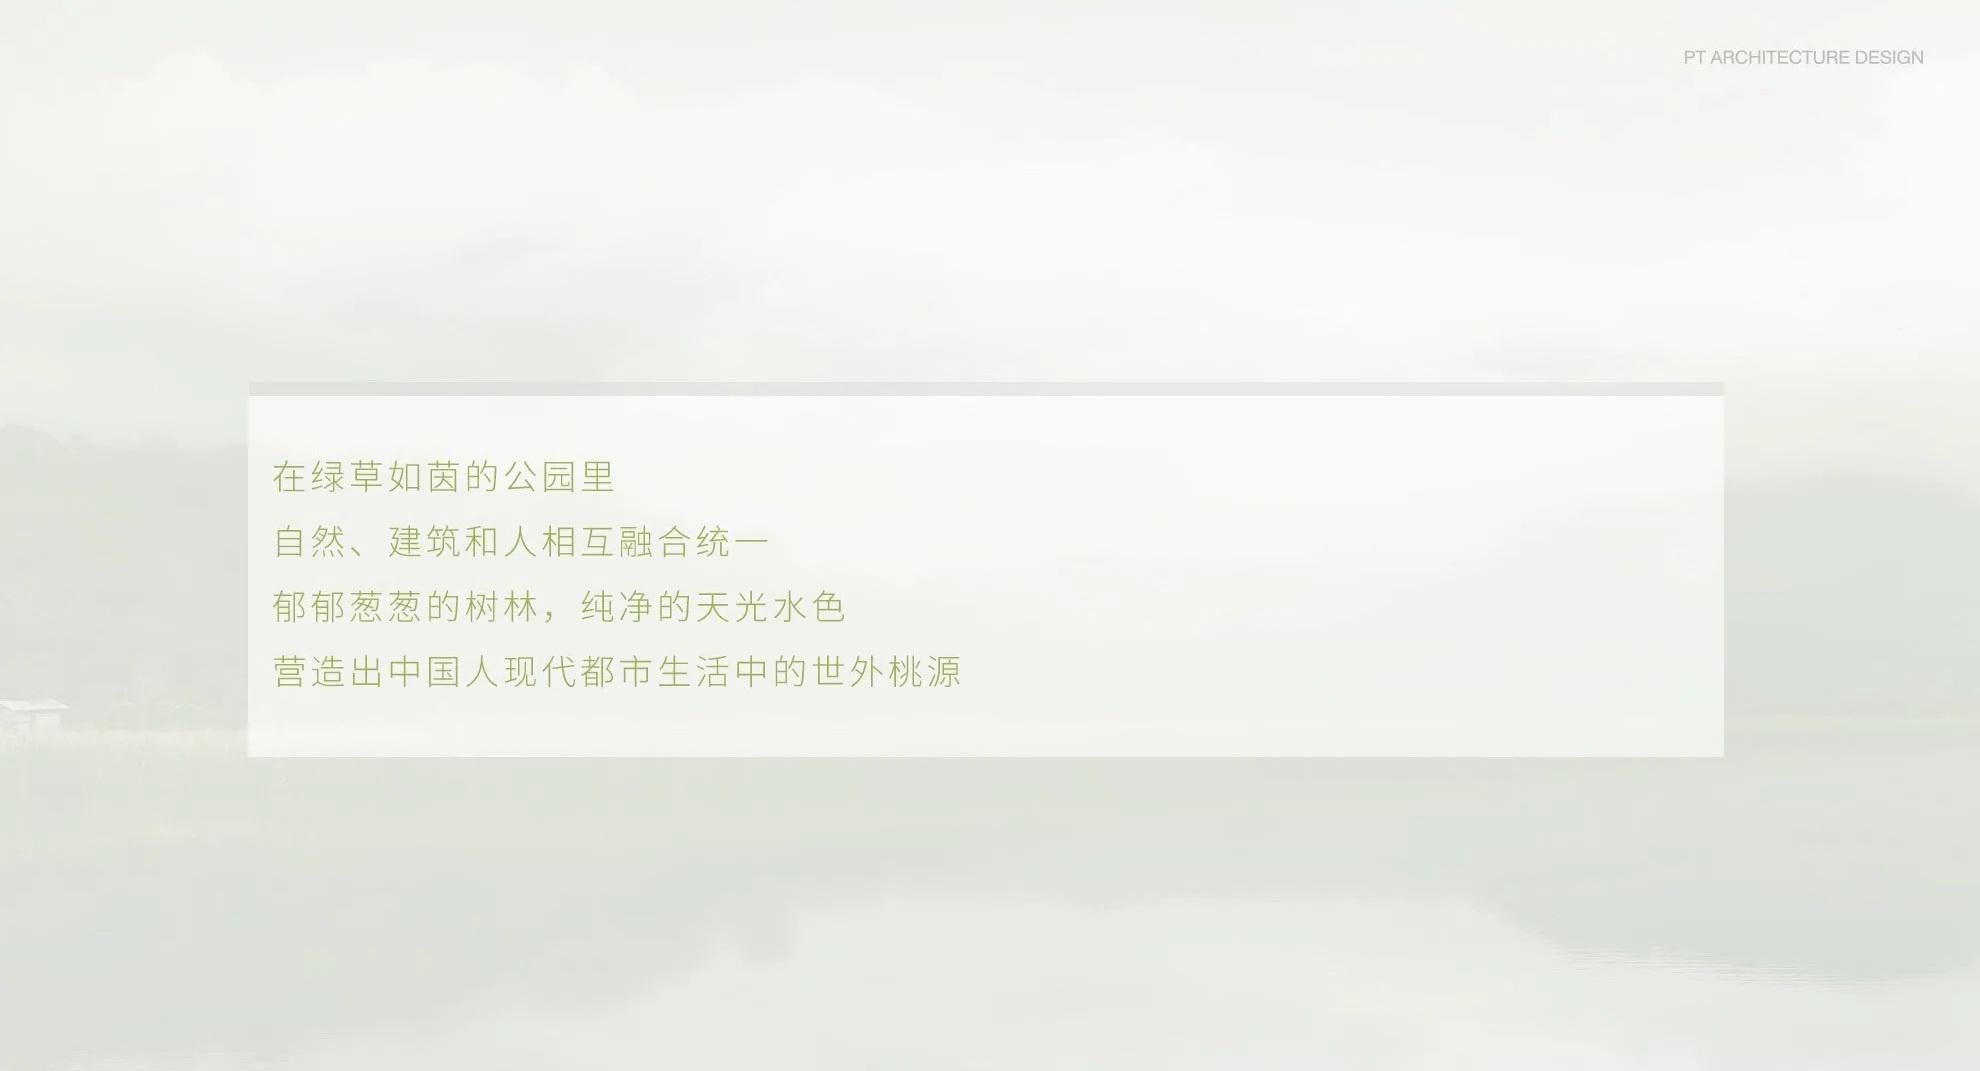 福州·国贸上江原墅 建筑设计 /  北京柏涛